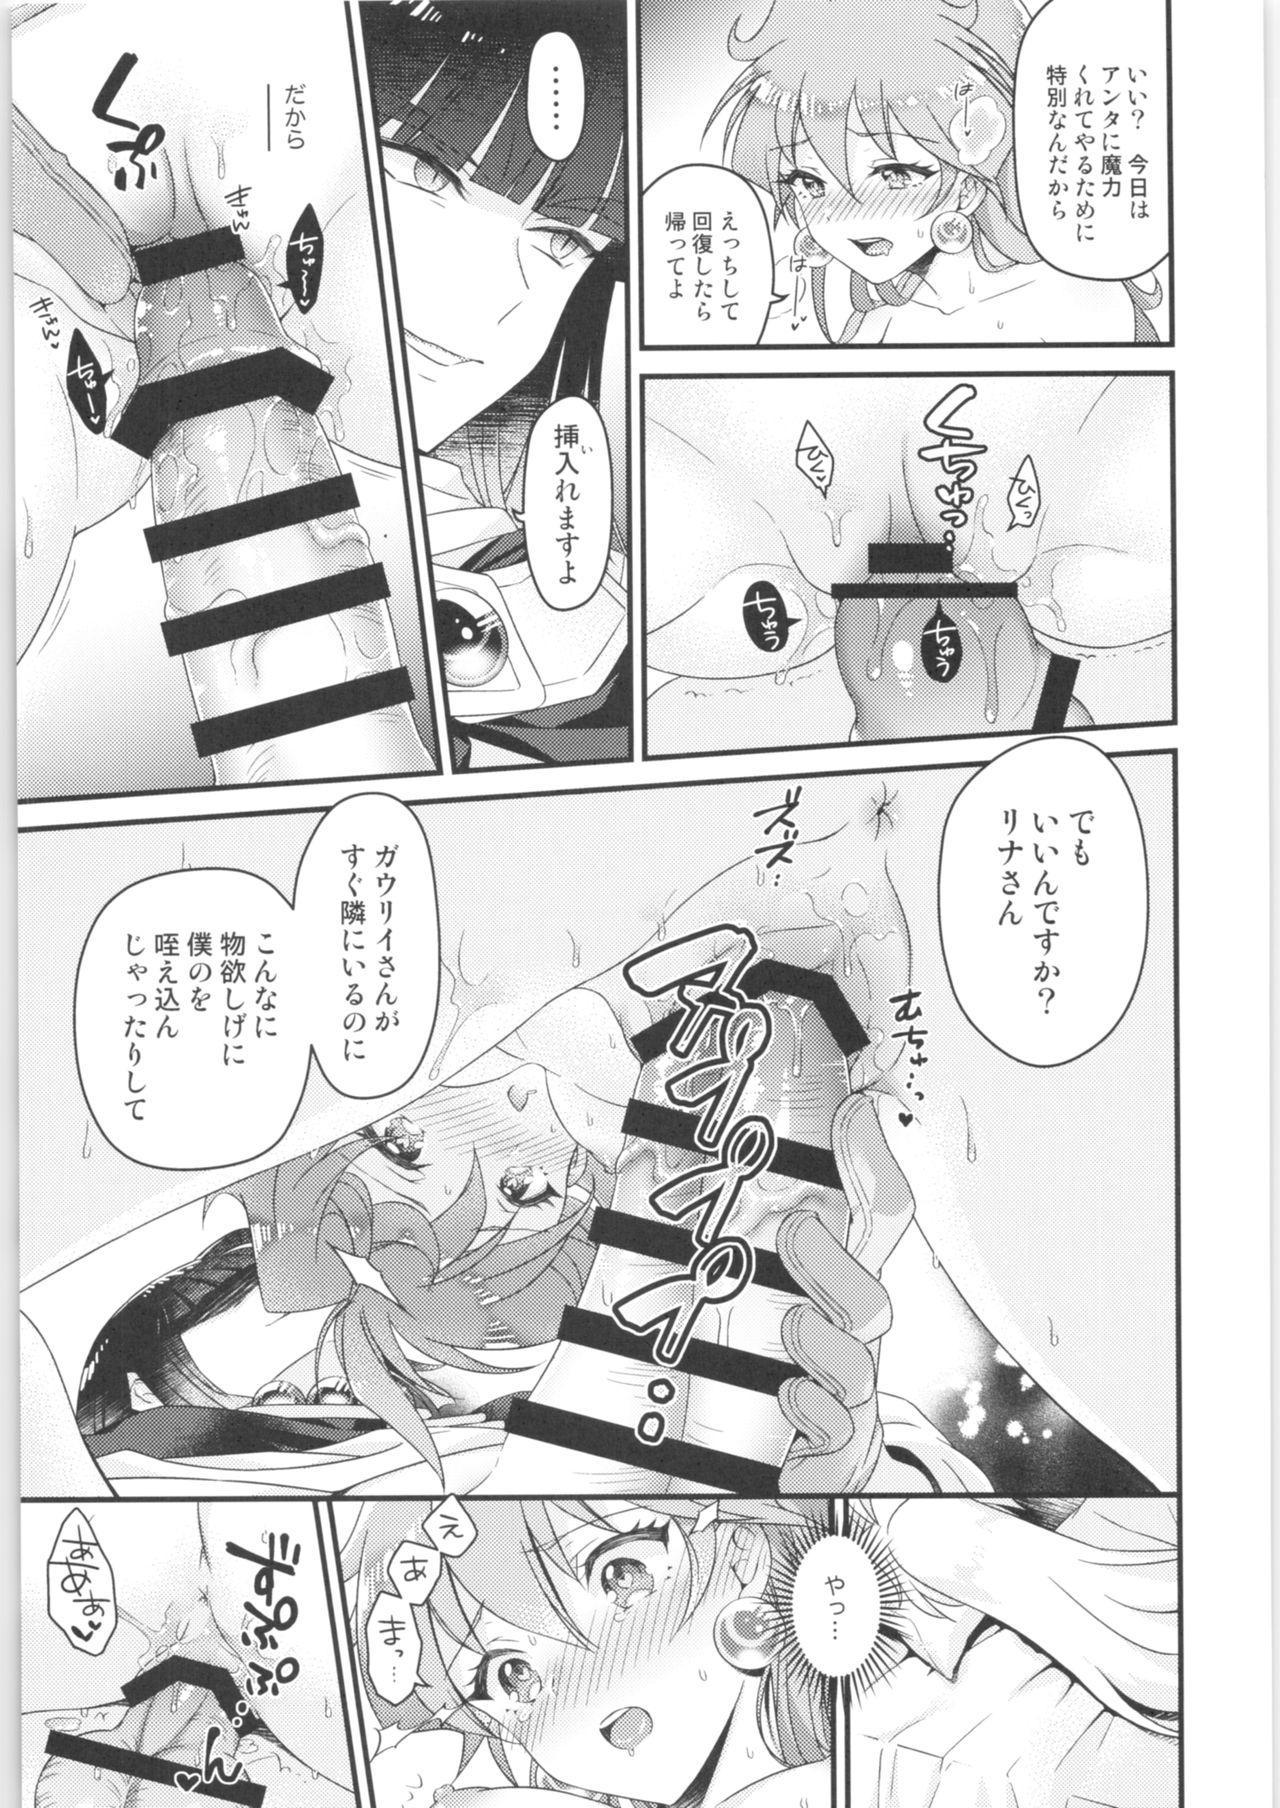 Lina Inverse Juu Shinkan ni NTR Kanochi 21